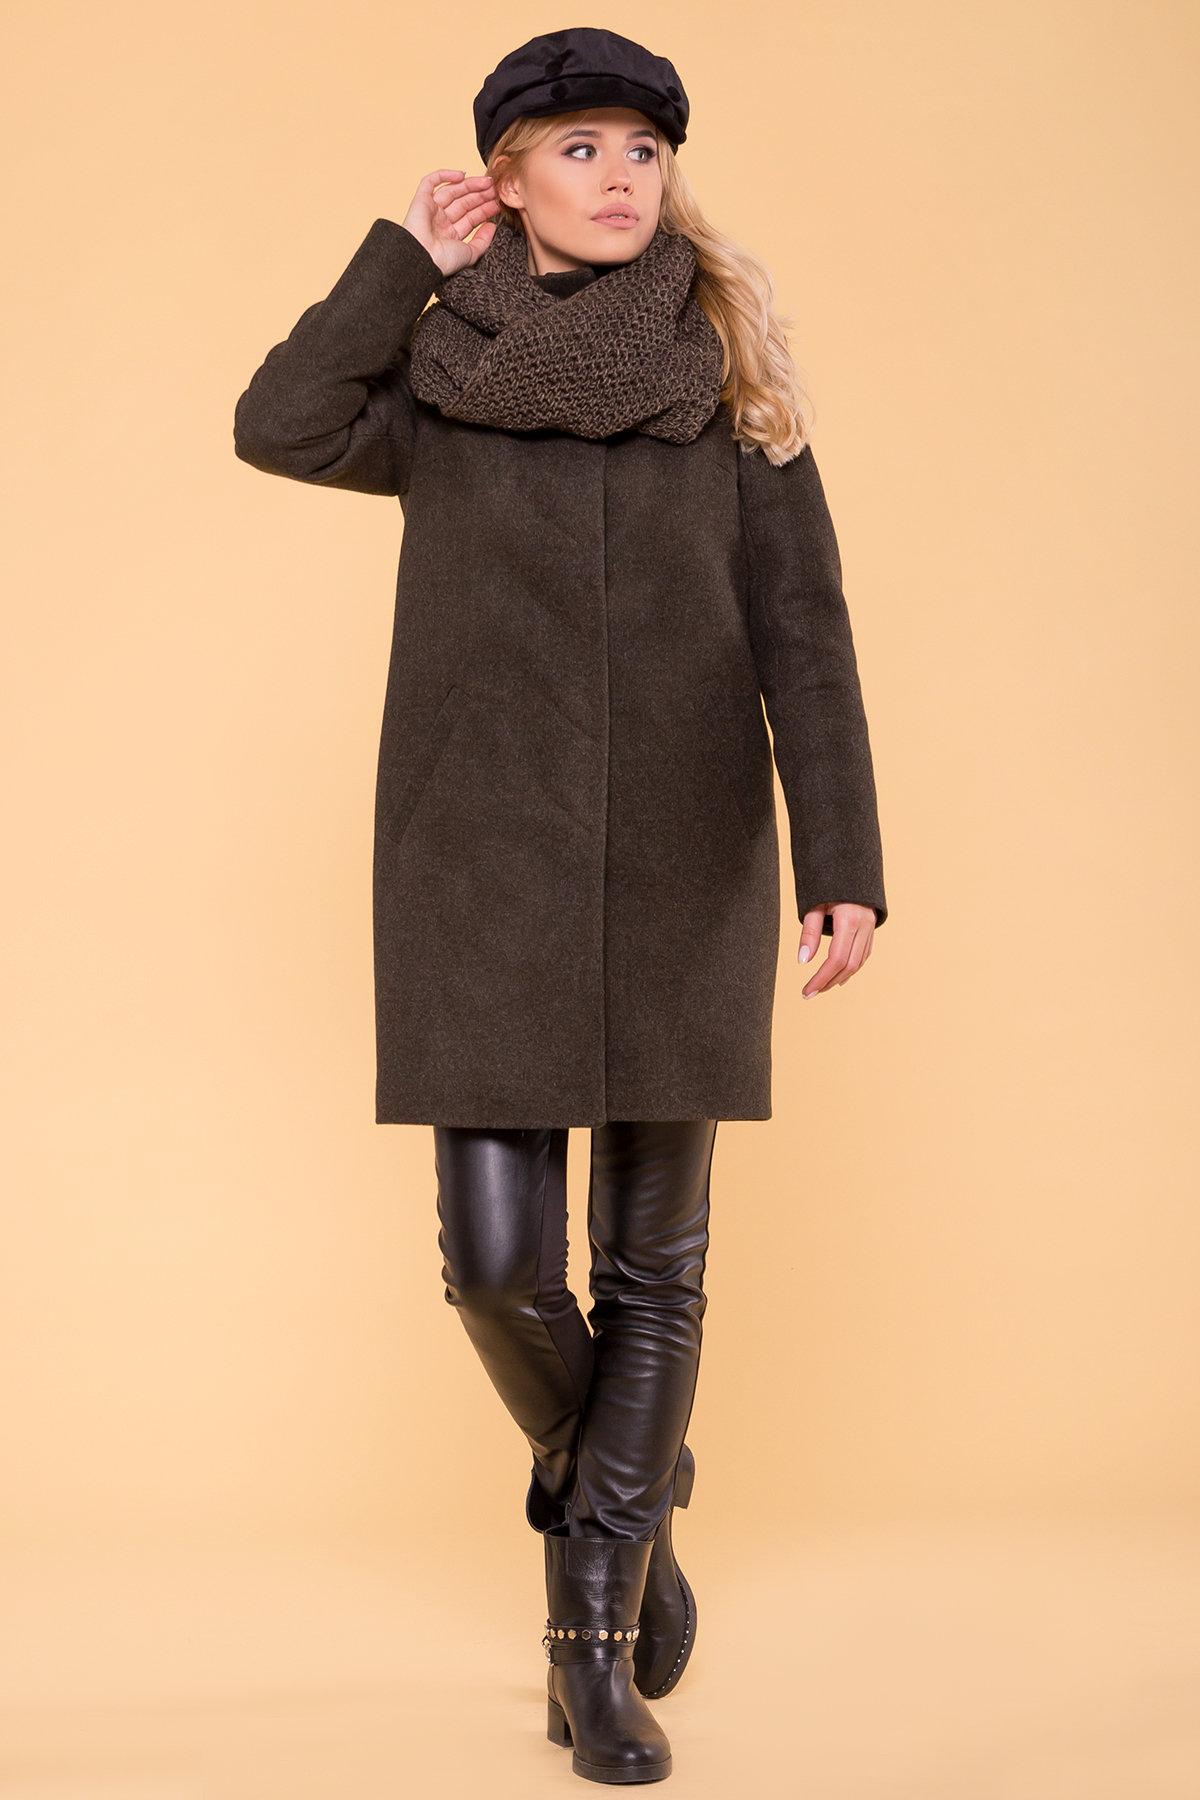 Купить зимнее пальто от производителей Зимнее пальто с хомутом Фортуна лайт 5802